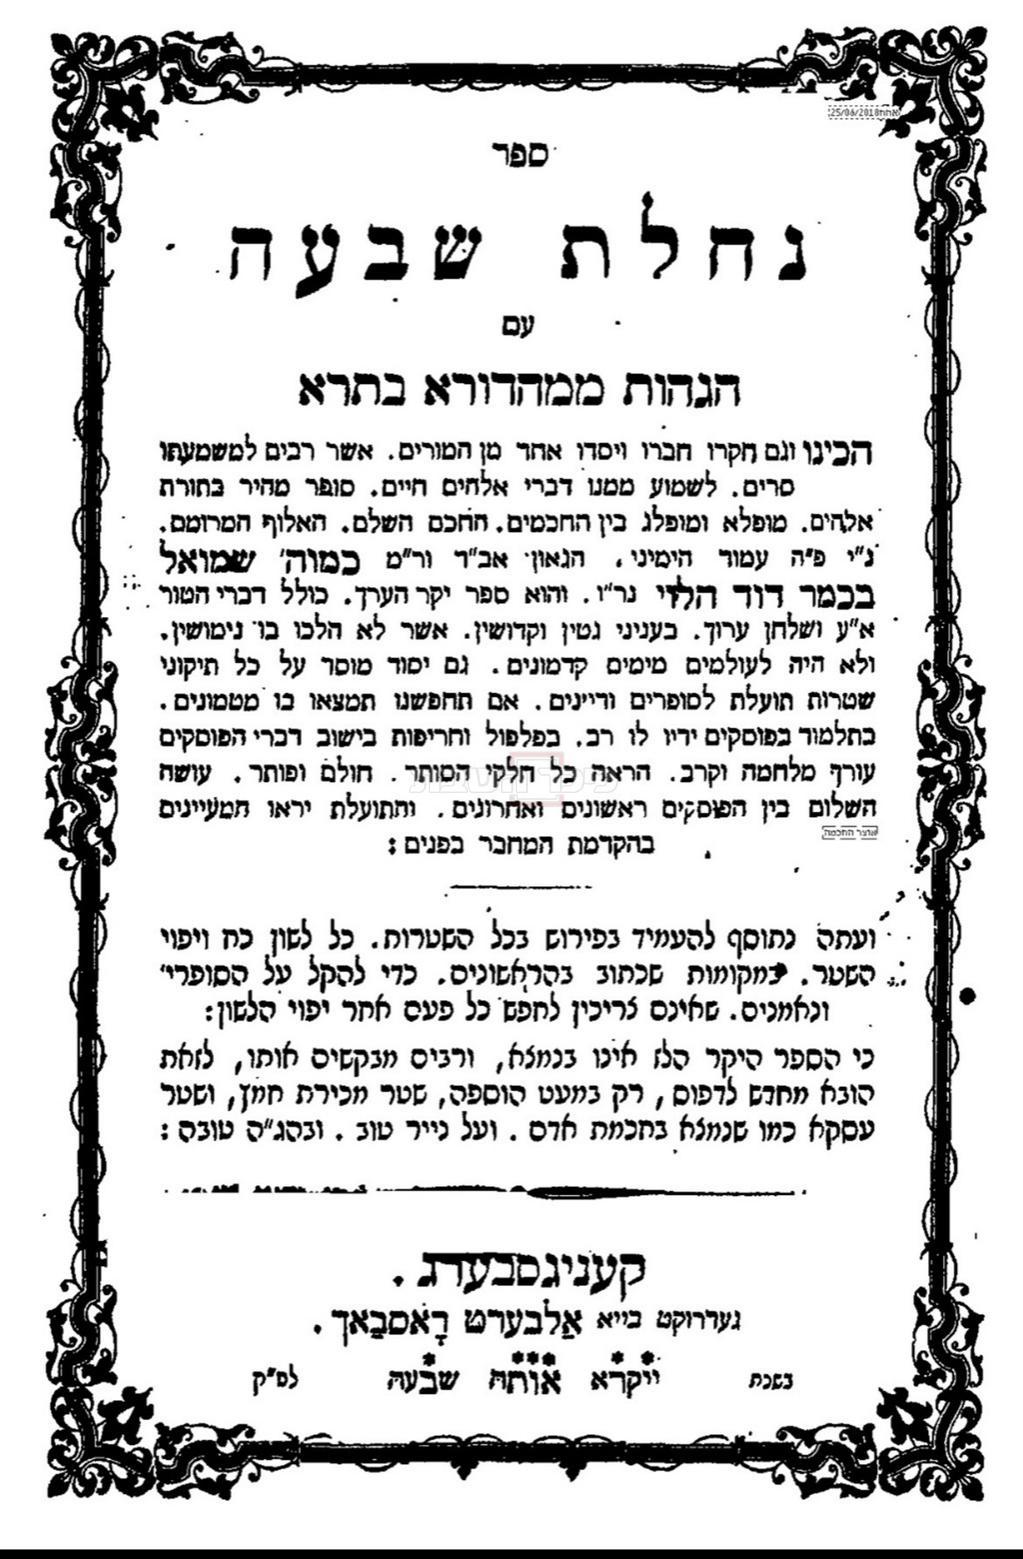 שער הספר 'נחלת שבעה' לגאון רבי שמואל הלוי (אוצר החכמה)